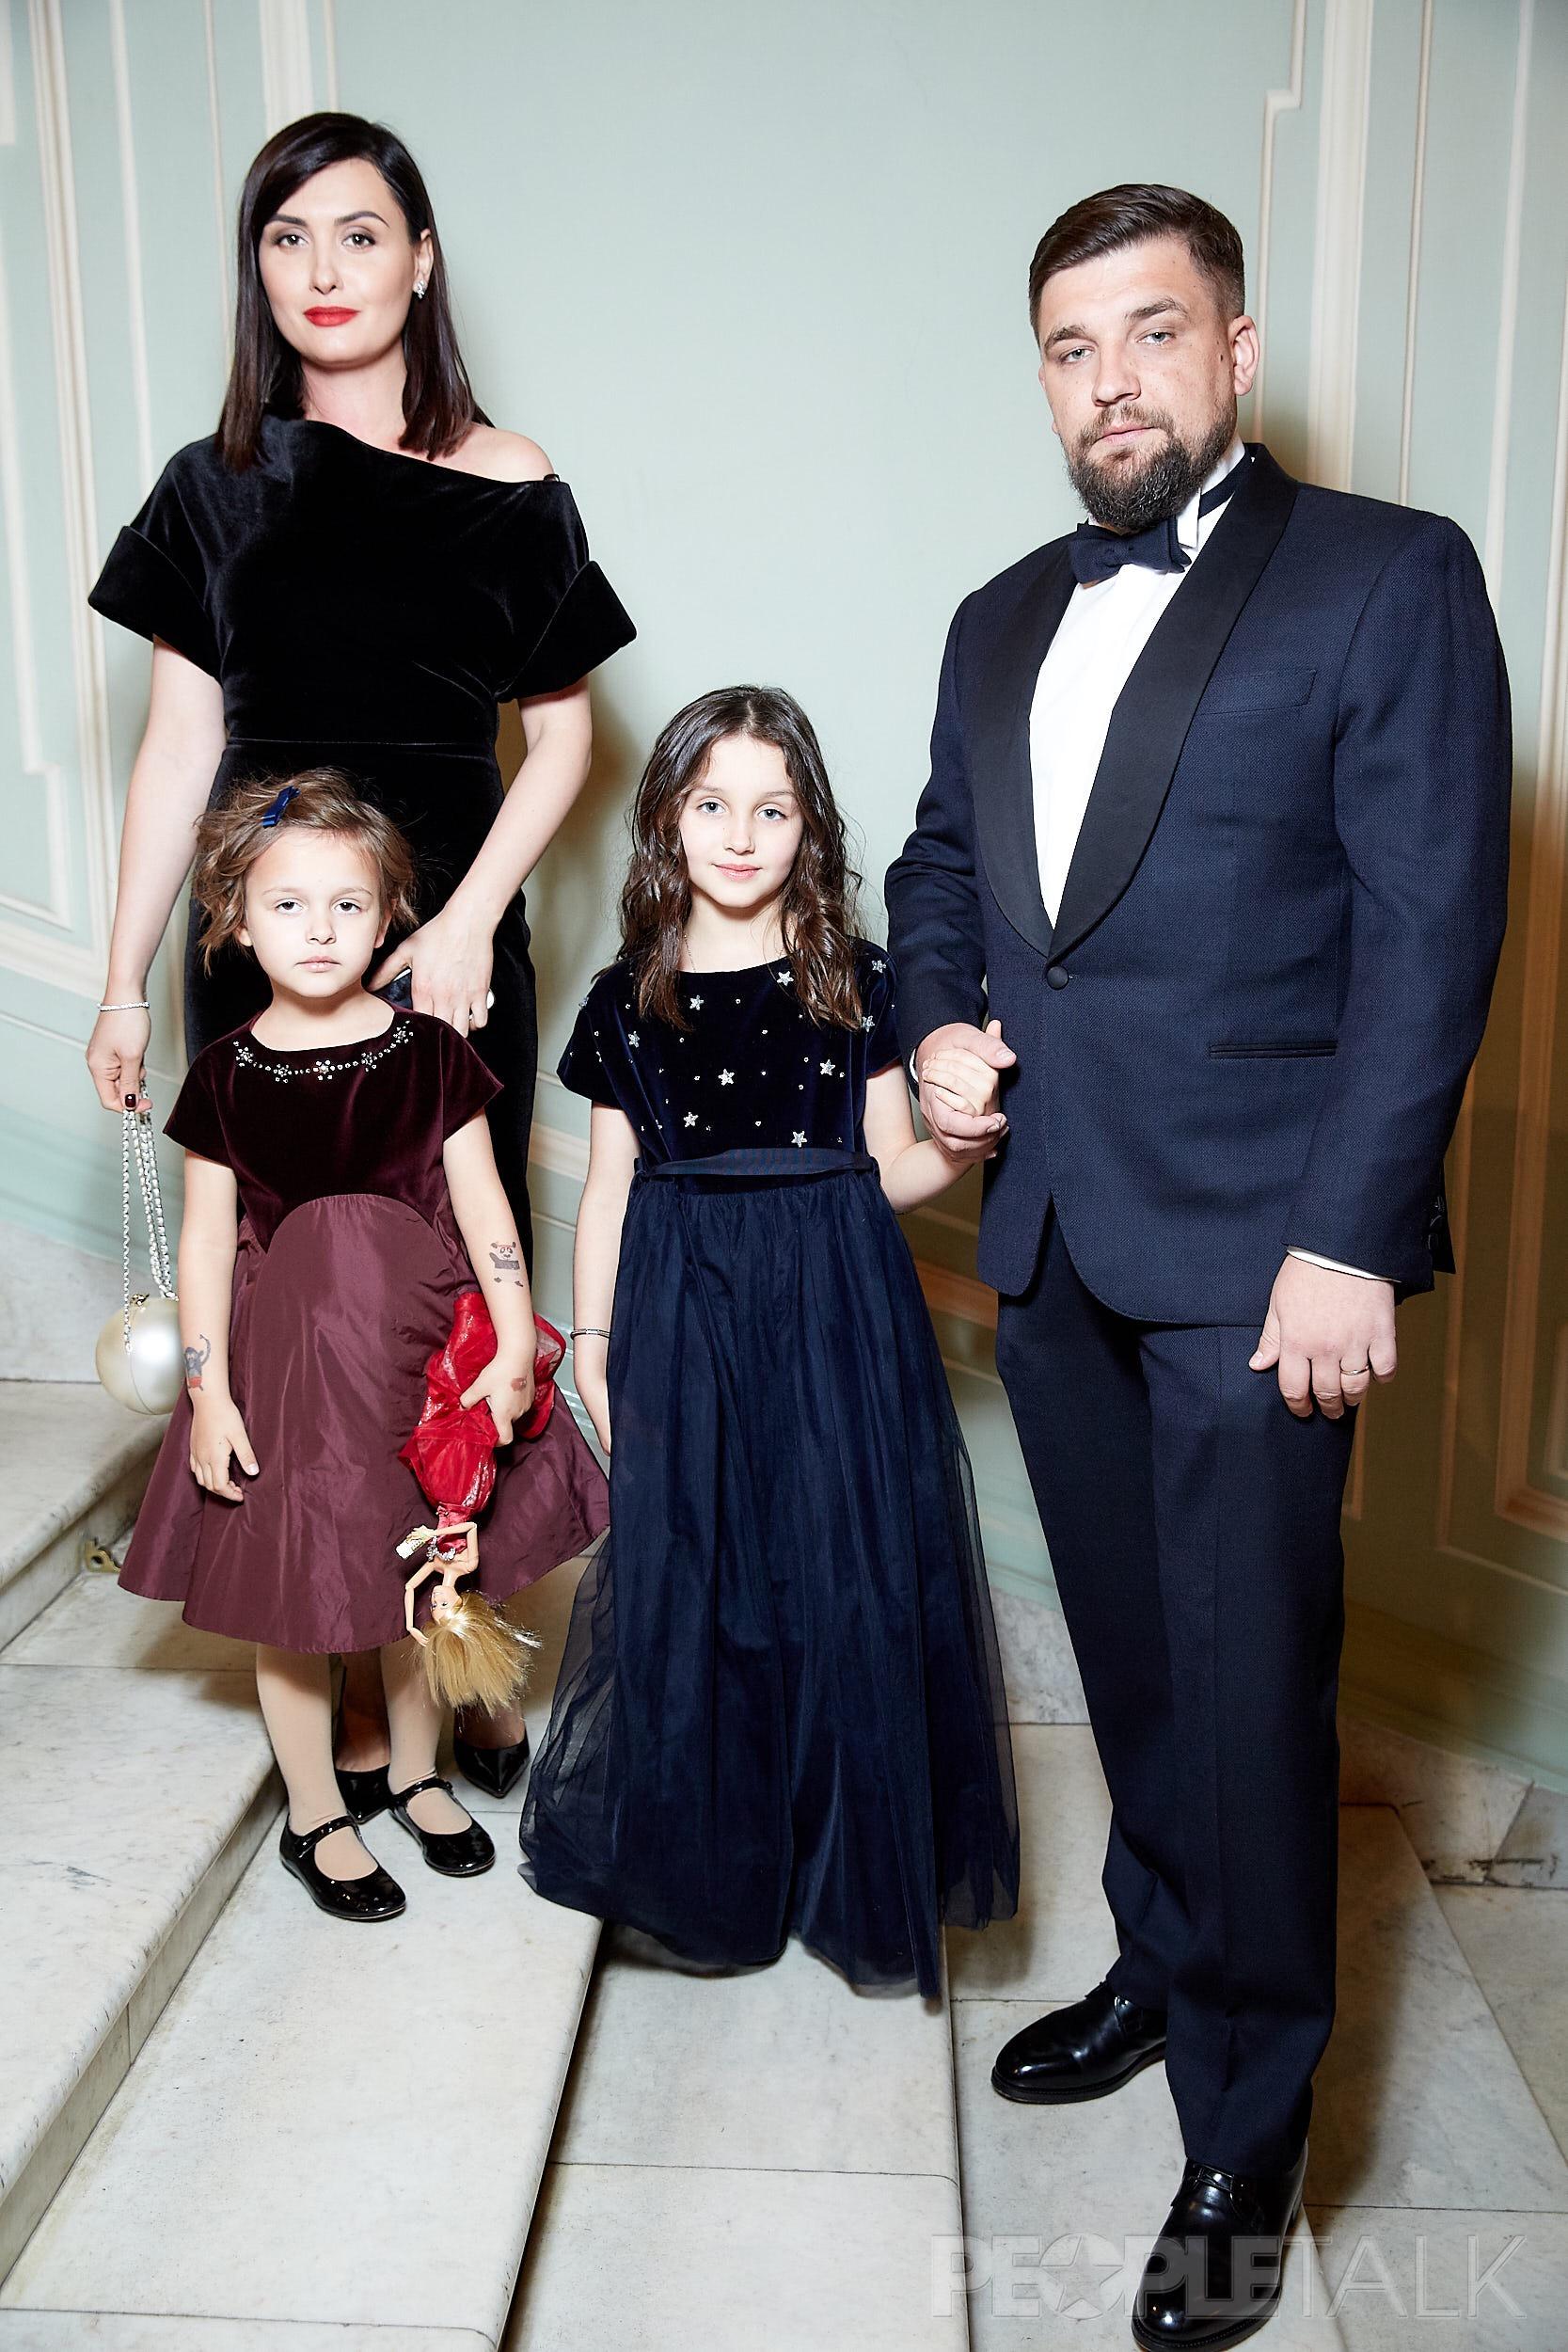 Баста с семьей: женой и детьми